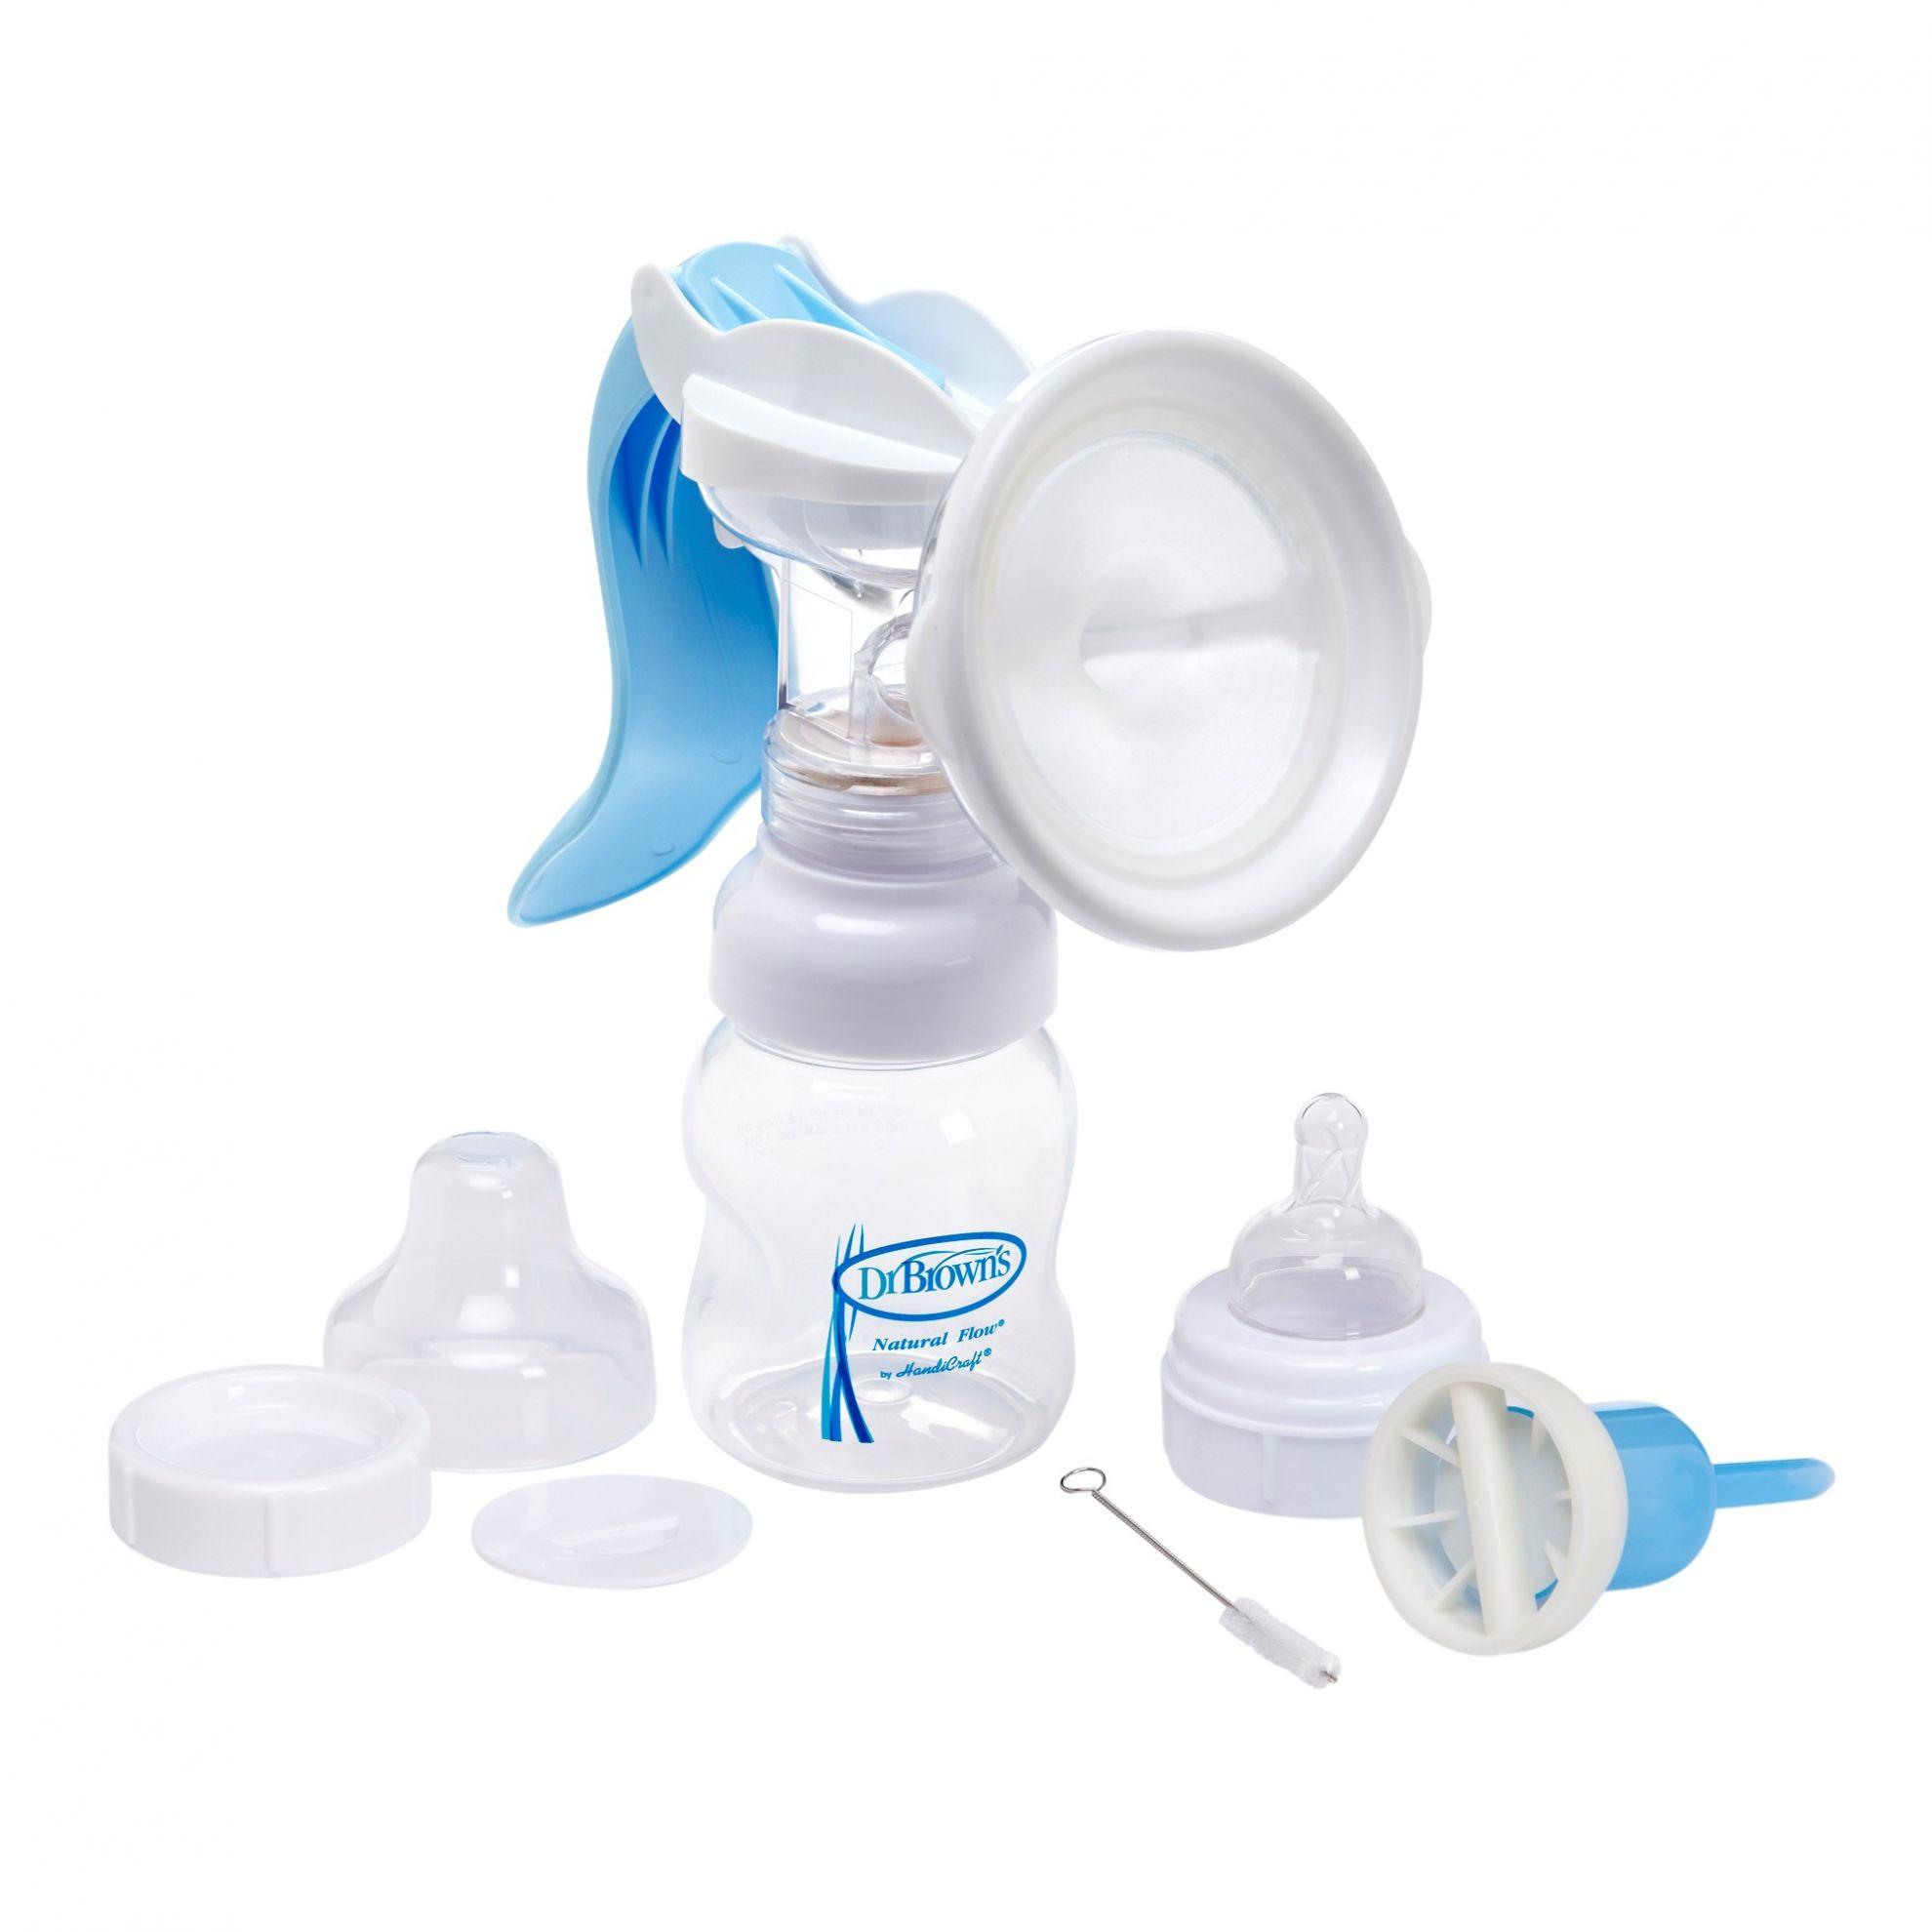 Молокоотсос ручной с принадлежностями - Товары для мамы, артикул: 162742